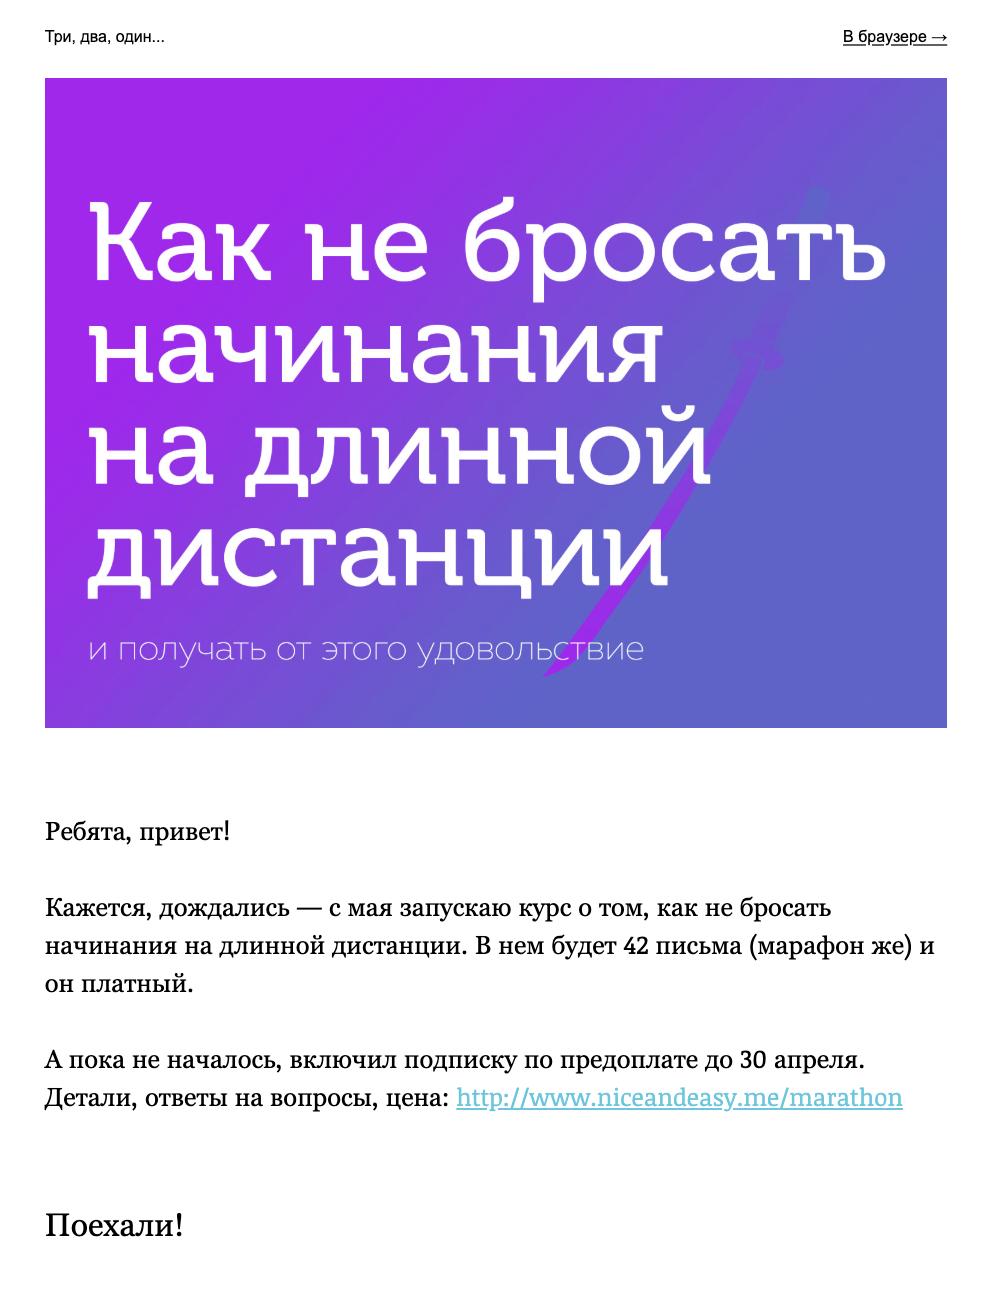 Скриншот письма с первым анонсом